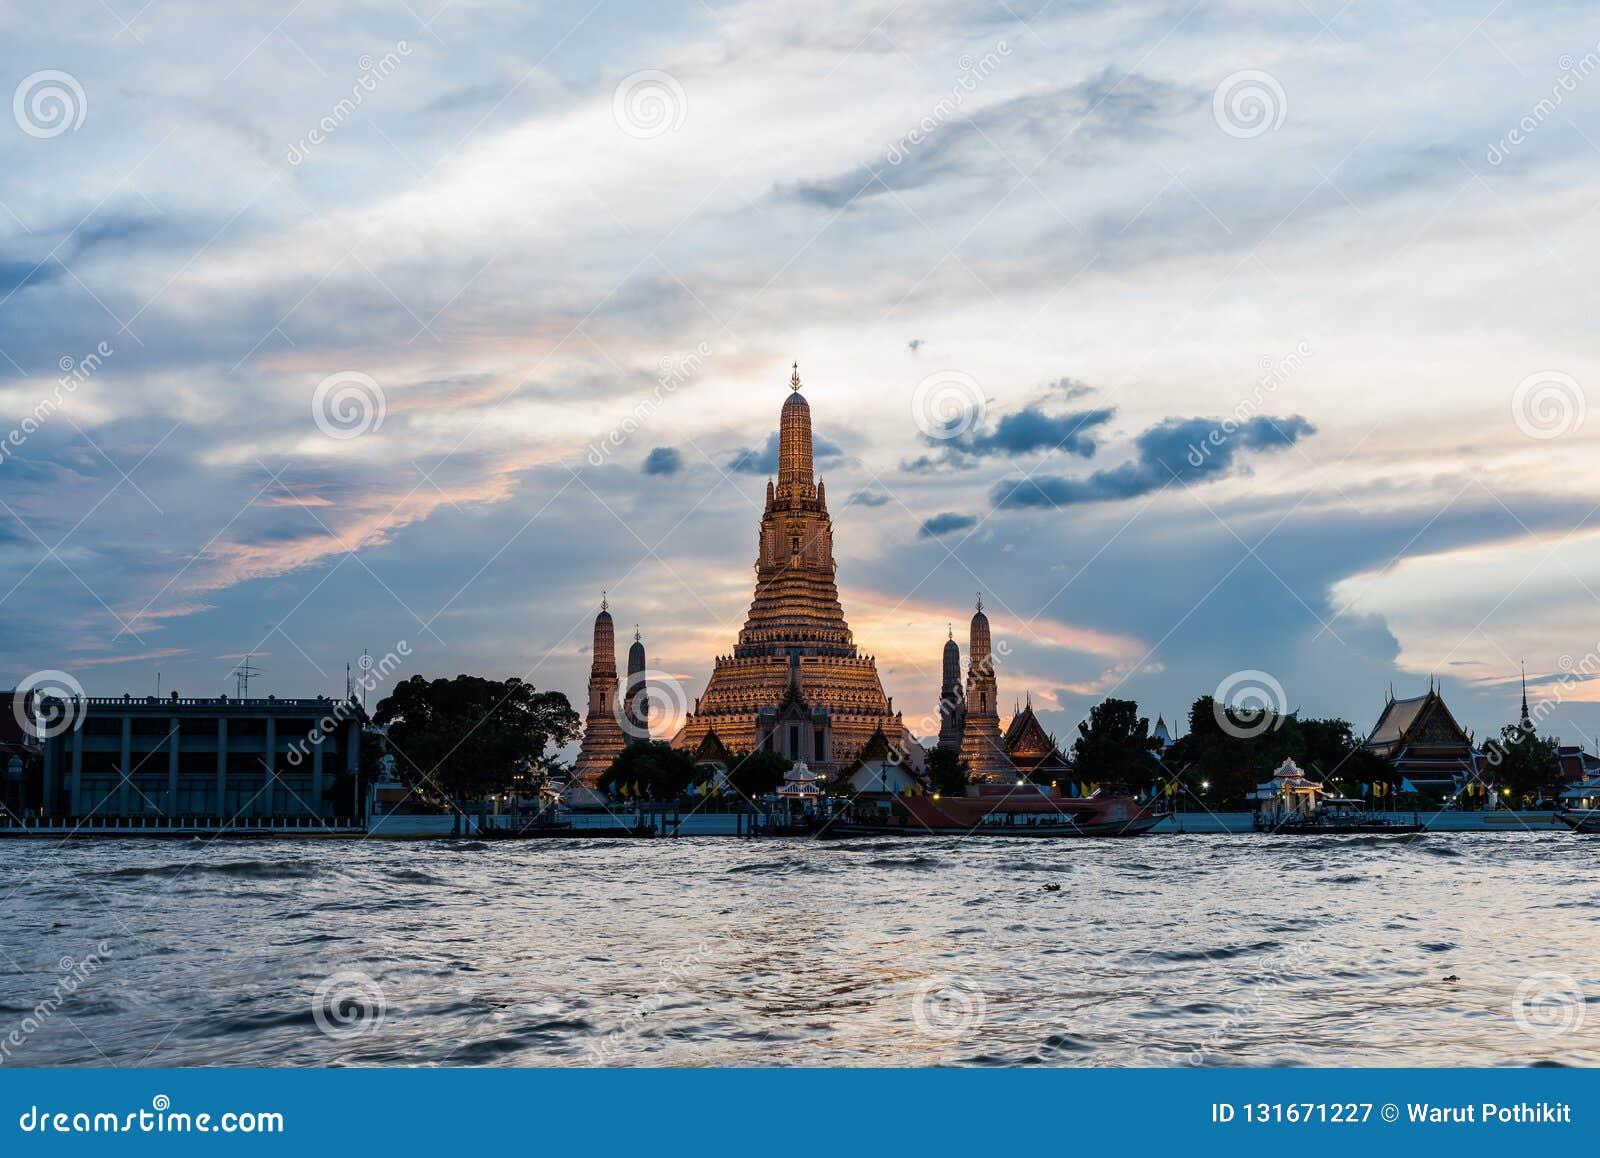 Tailândia despercebida, Temple of Dawn,